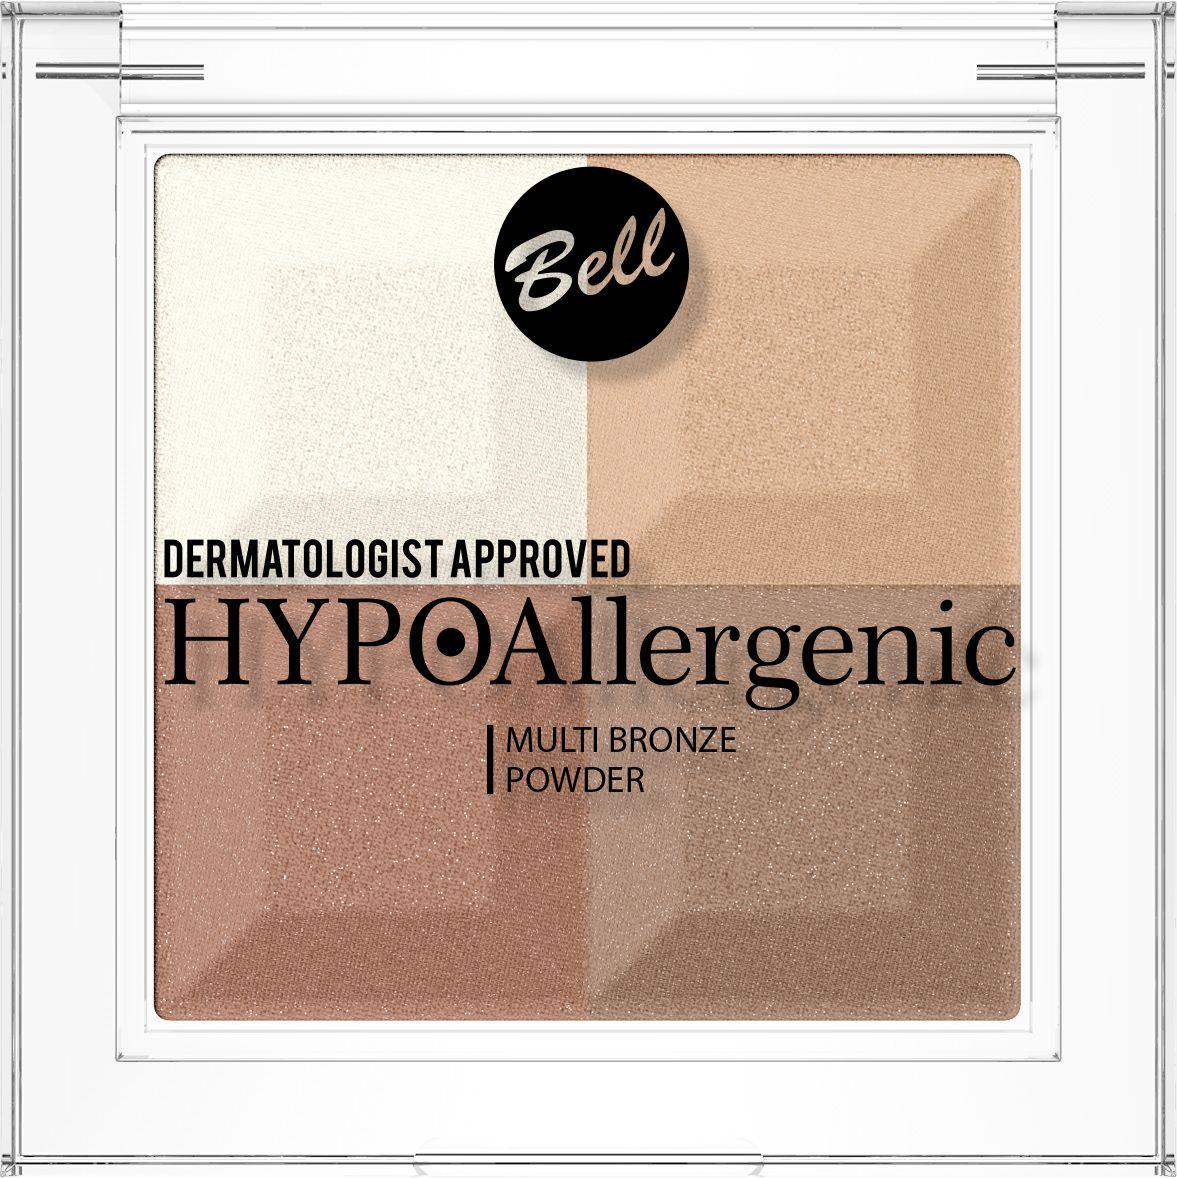 Bell Hypoallergenic Пудра с бронзирующим и осветляющим эффектом Multi Bronze Powder, Тон №01